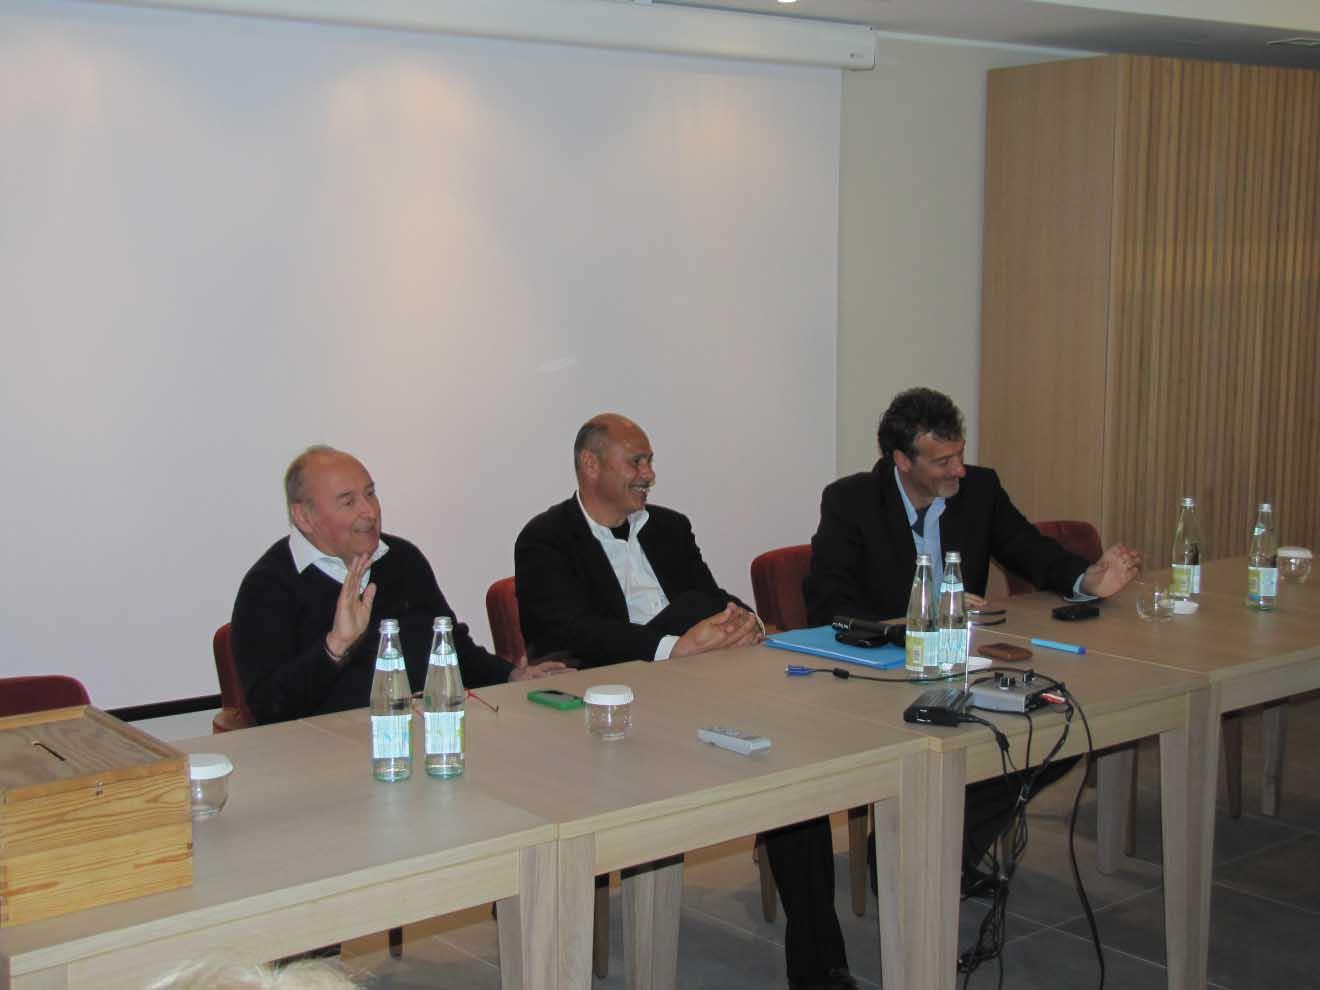 fimaa tn da sinistra Giovanni Bort Severino Rigotti e Gianni Acampora 1